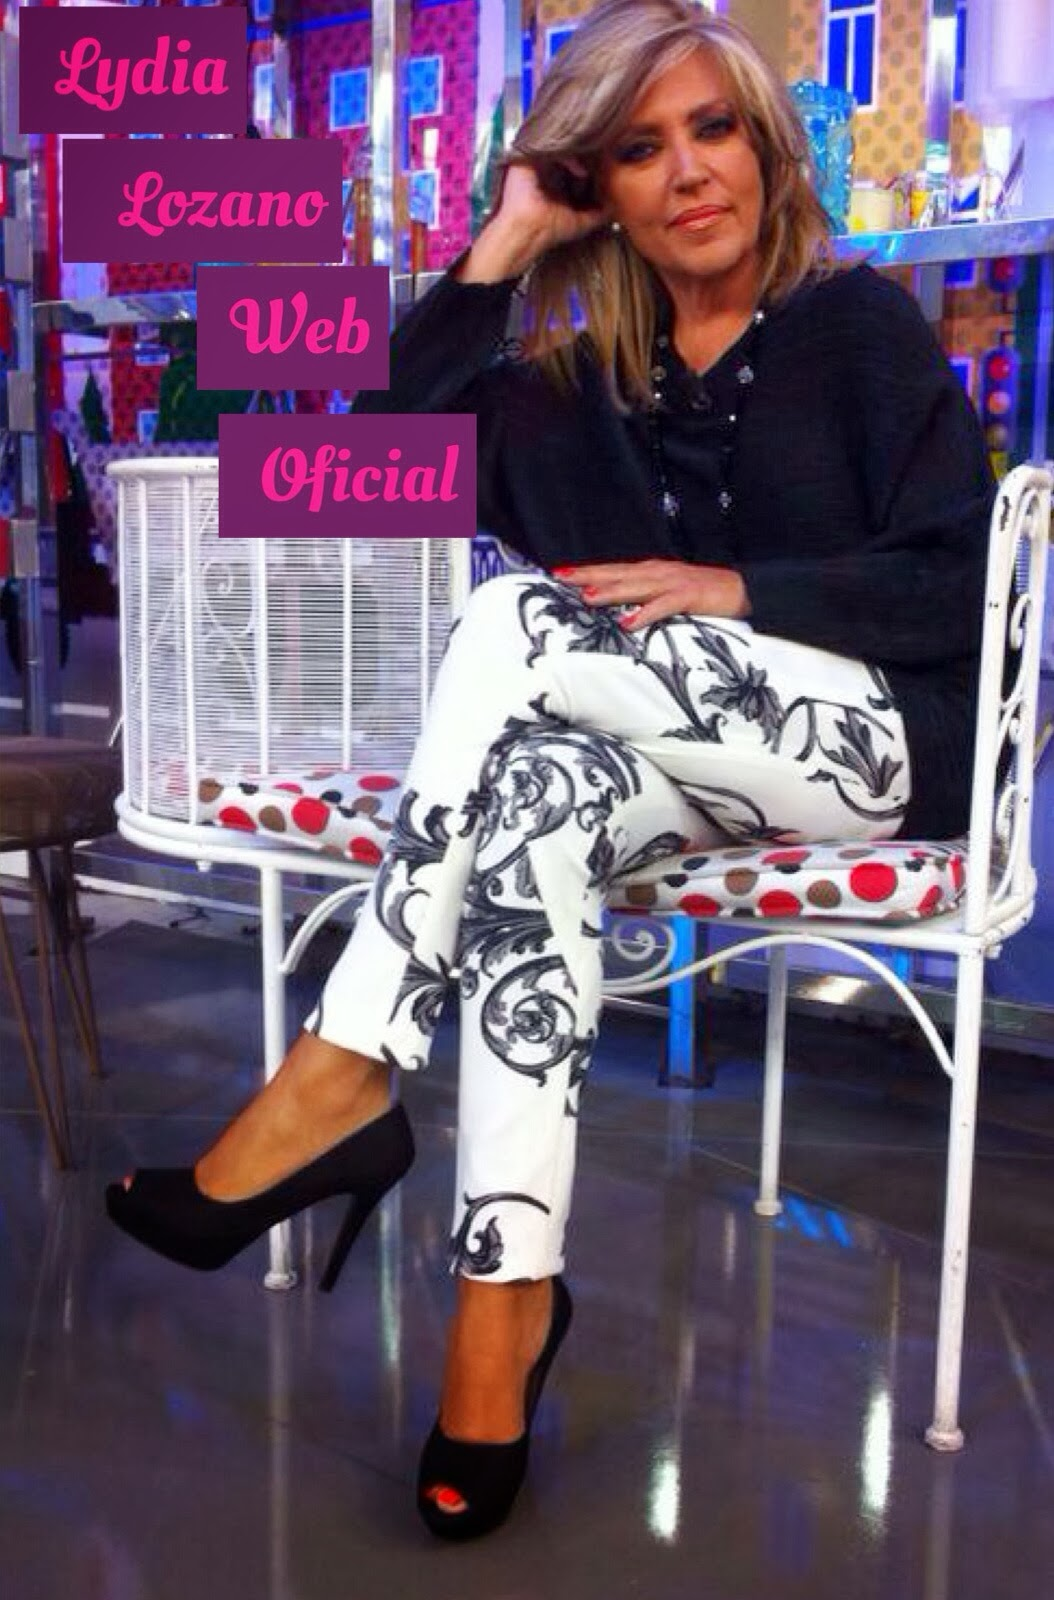 Lozano Web 10 Oficial8 2013 Lydia b7yYfg6